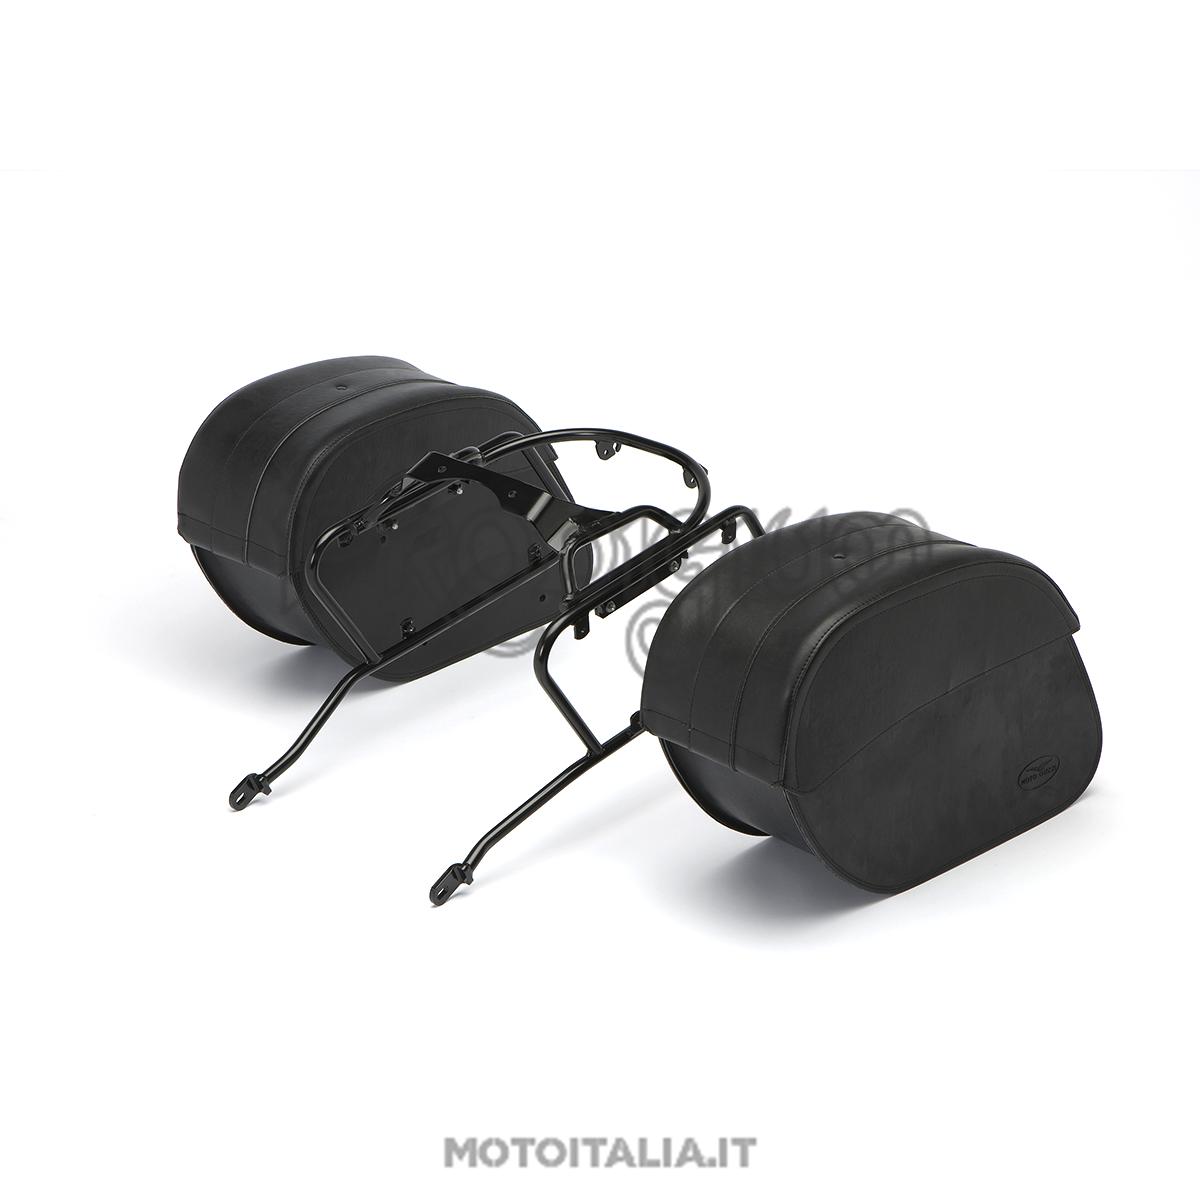 dc3a33cd14 Download Image 1200 X 1200. coppia borse laterali moto custom universali  pelle harley davidson